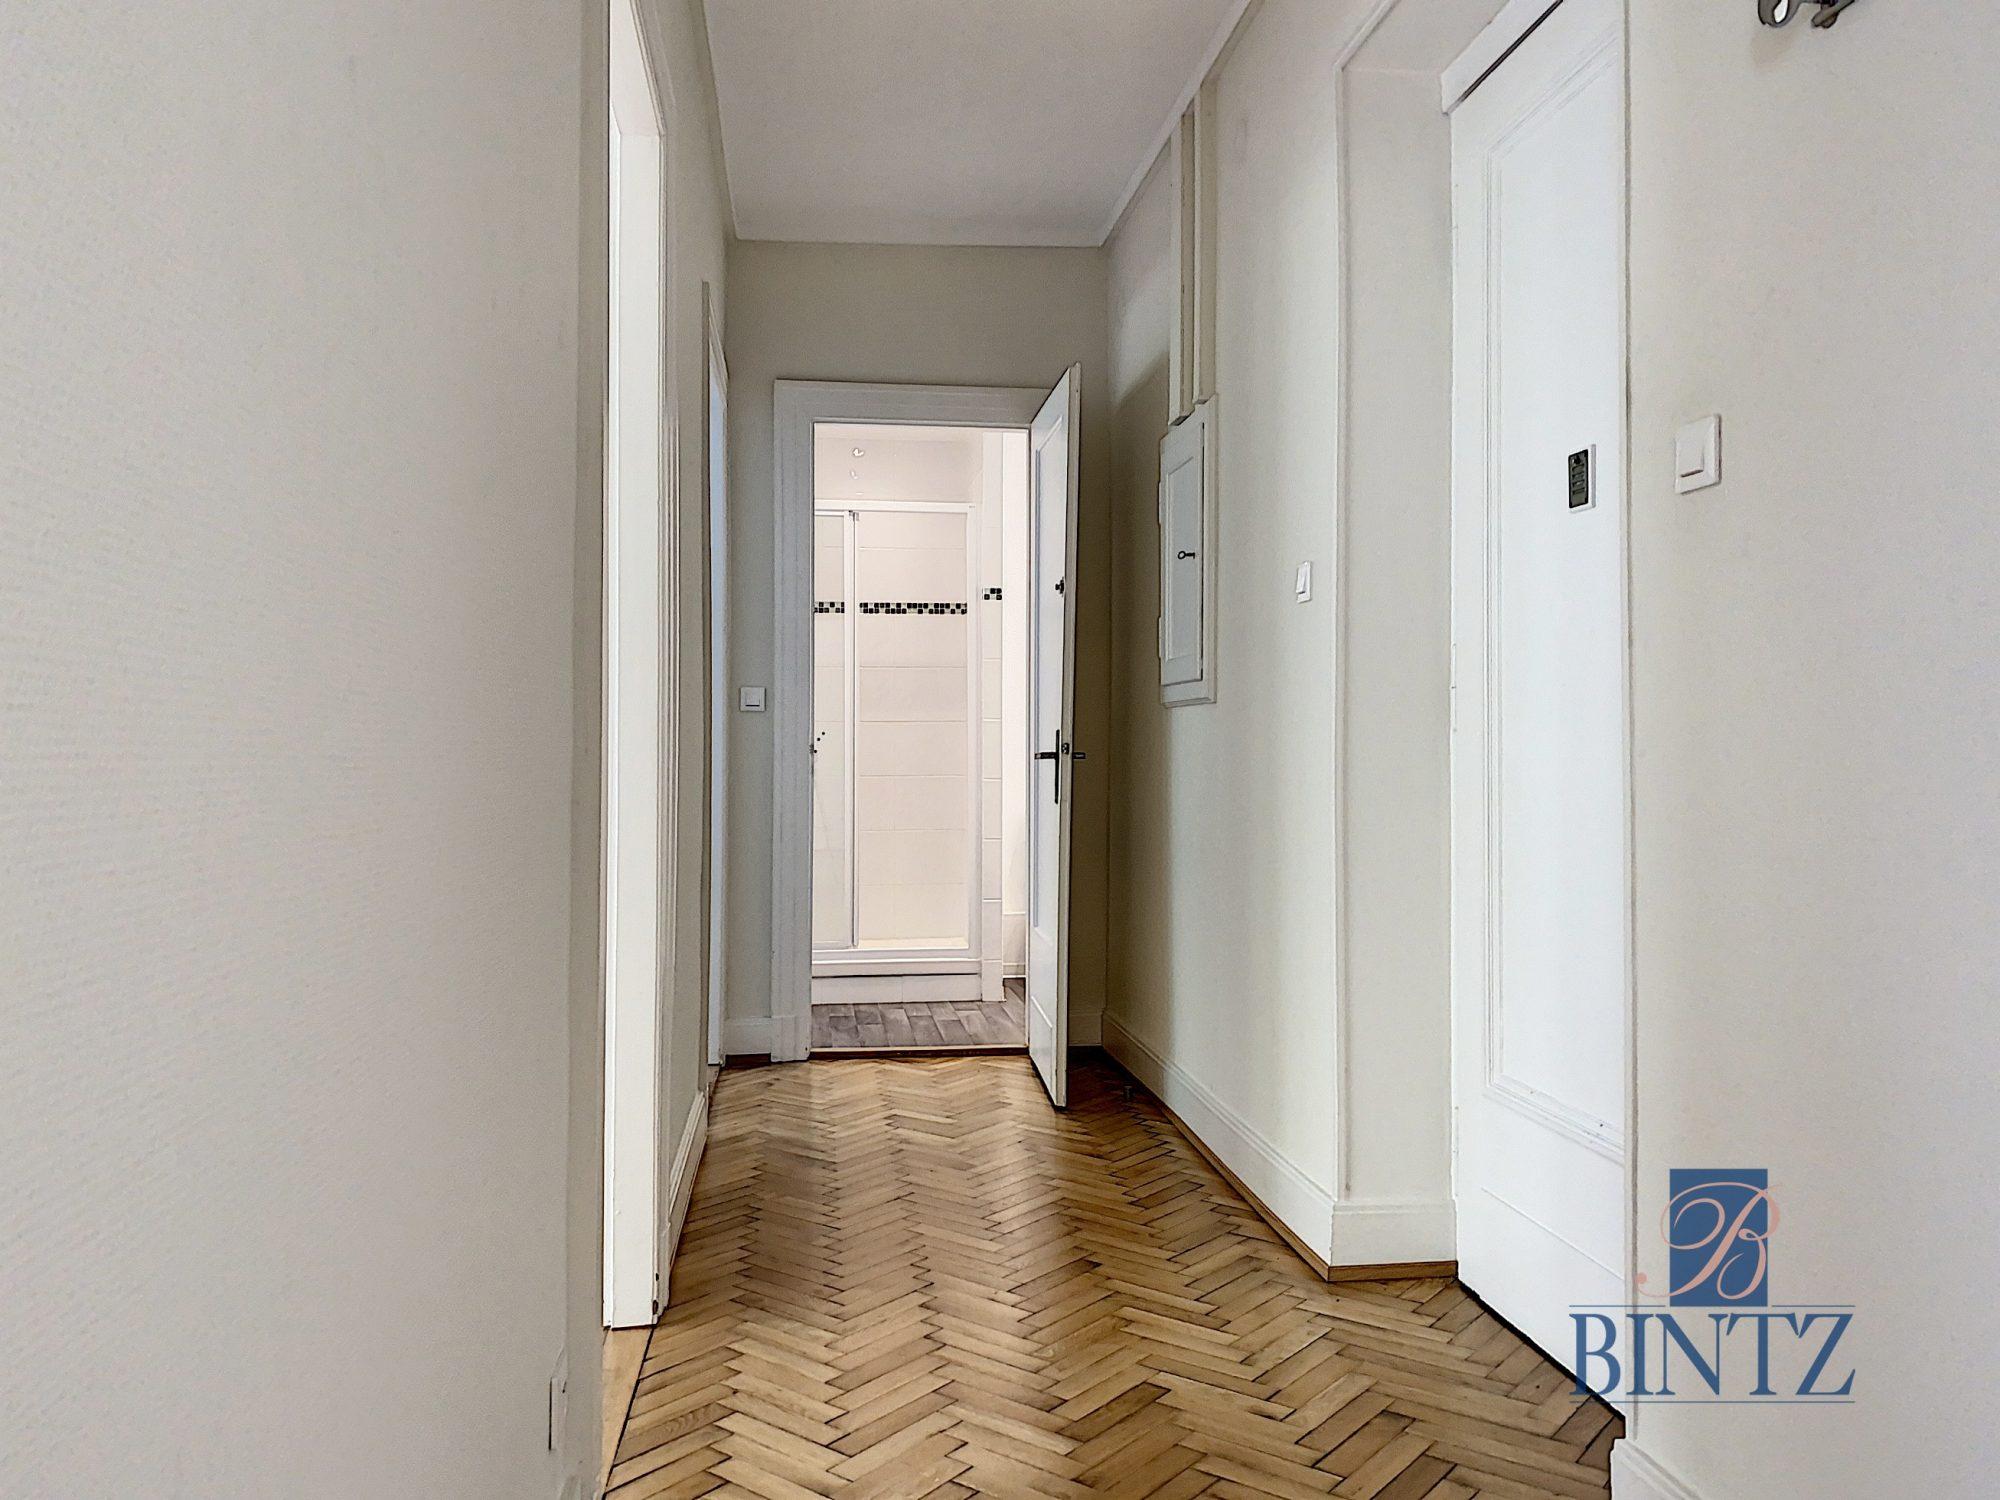 DEUX PIECES RENOVE ORANGERIE - Devenez locataire en toute sérénité - Bintz Immobilier - 6